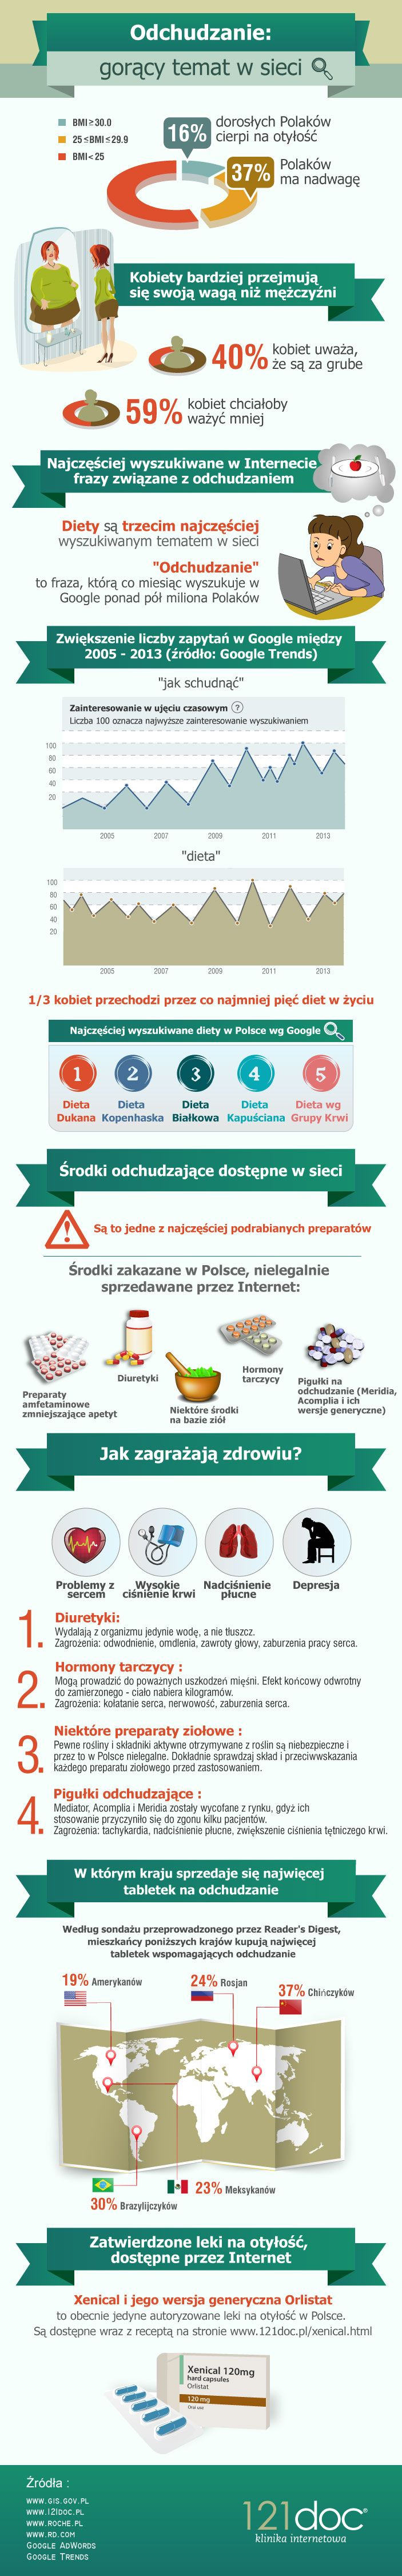 Odchudzanie w sieci- preser.pl #zdrowie #infografika #preser